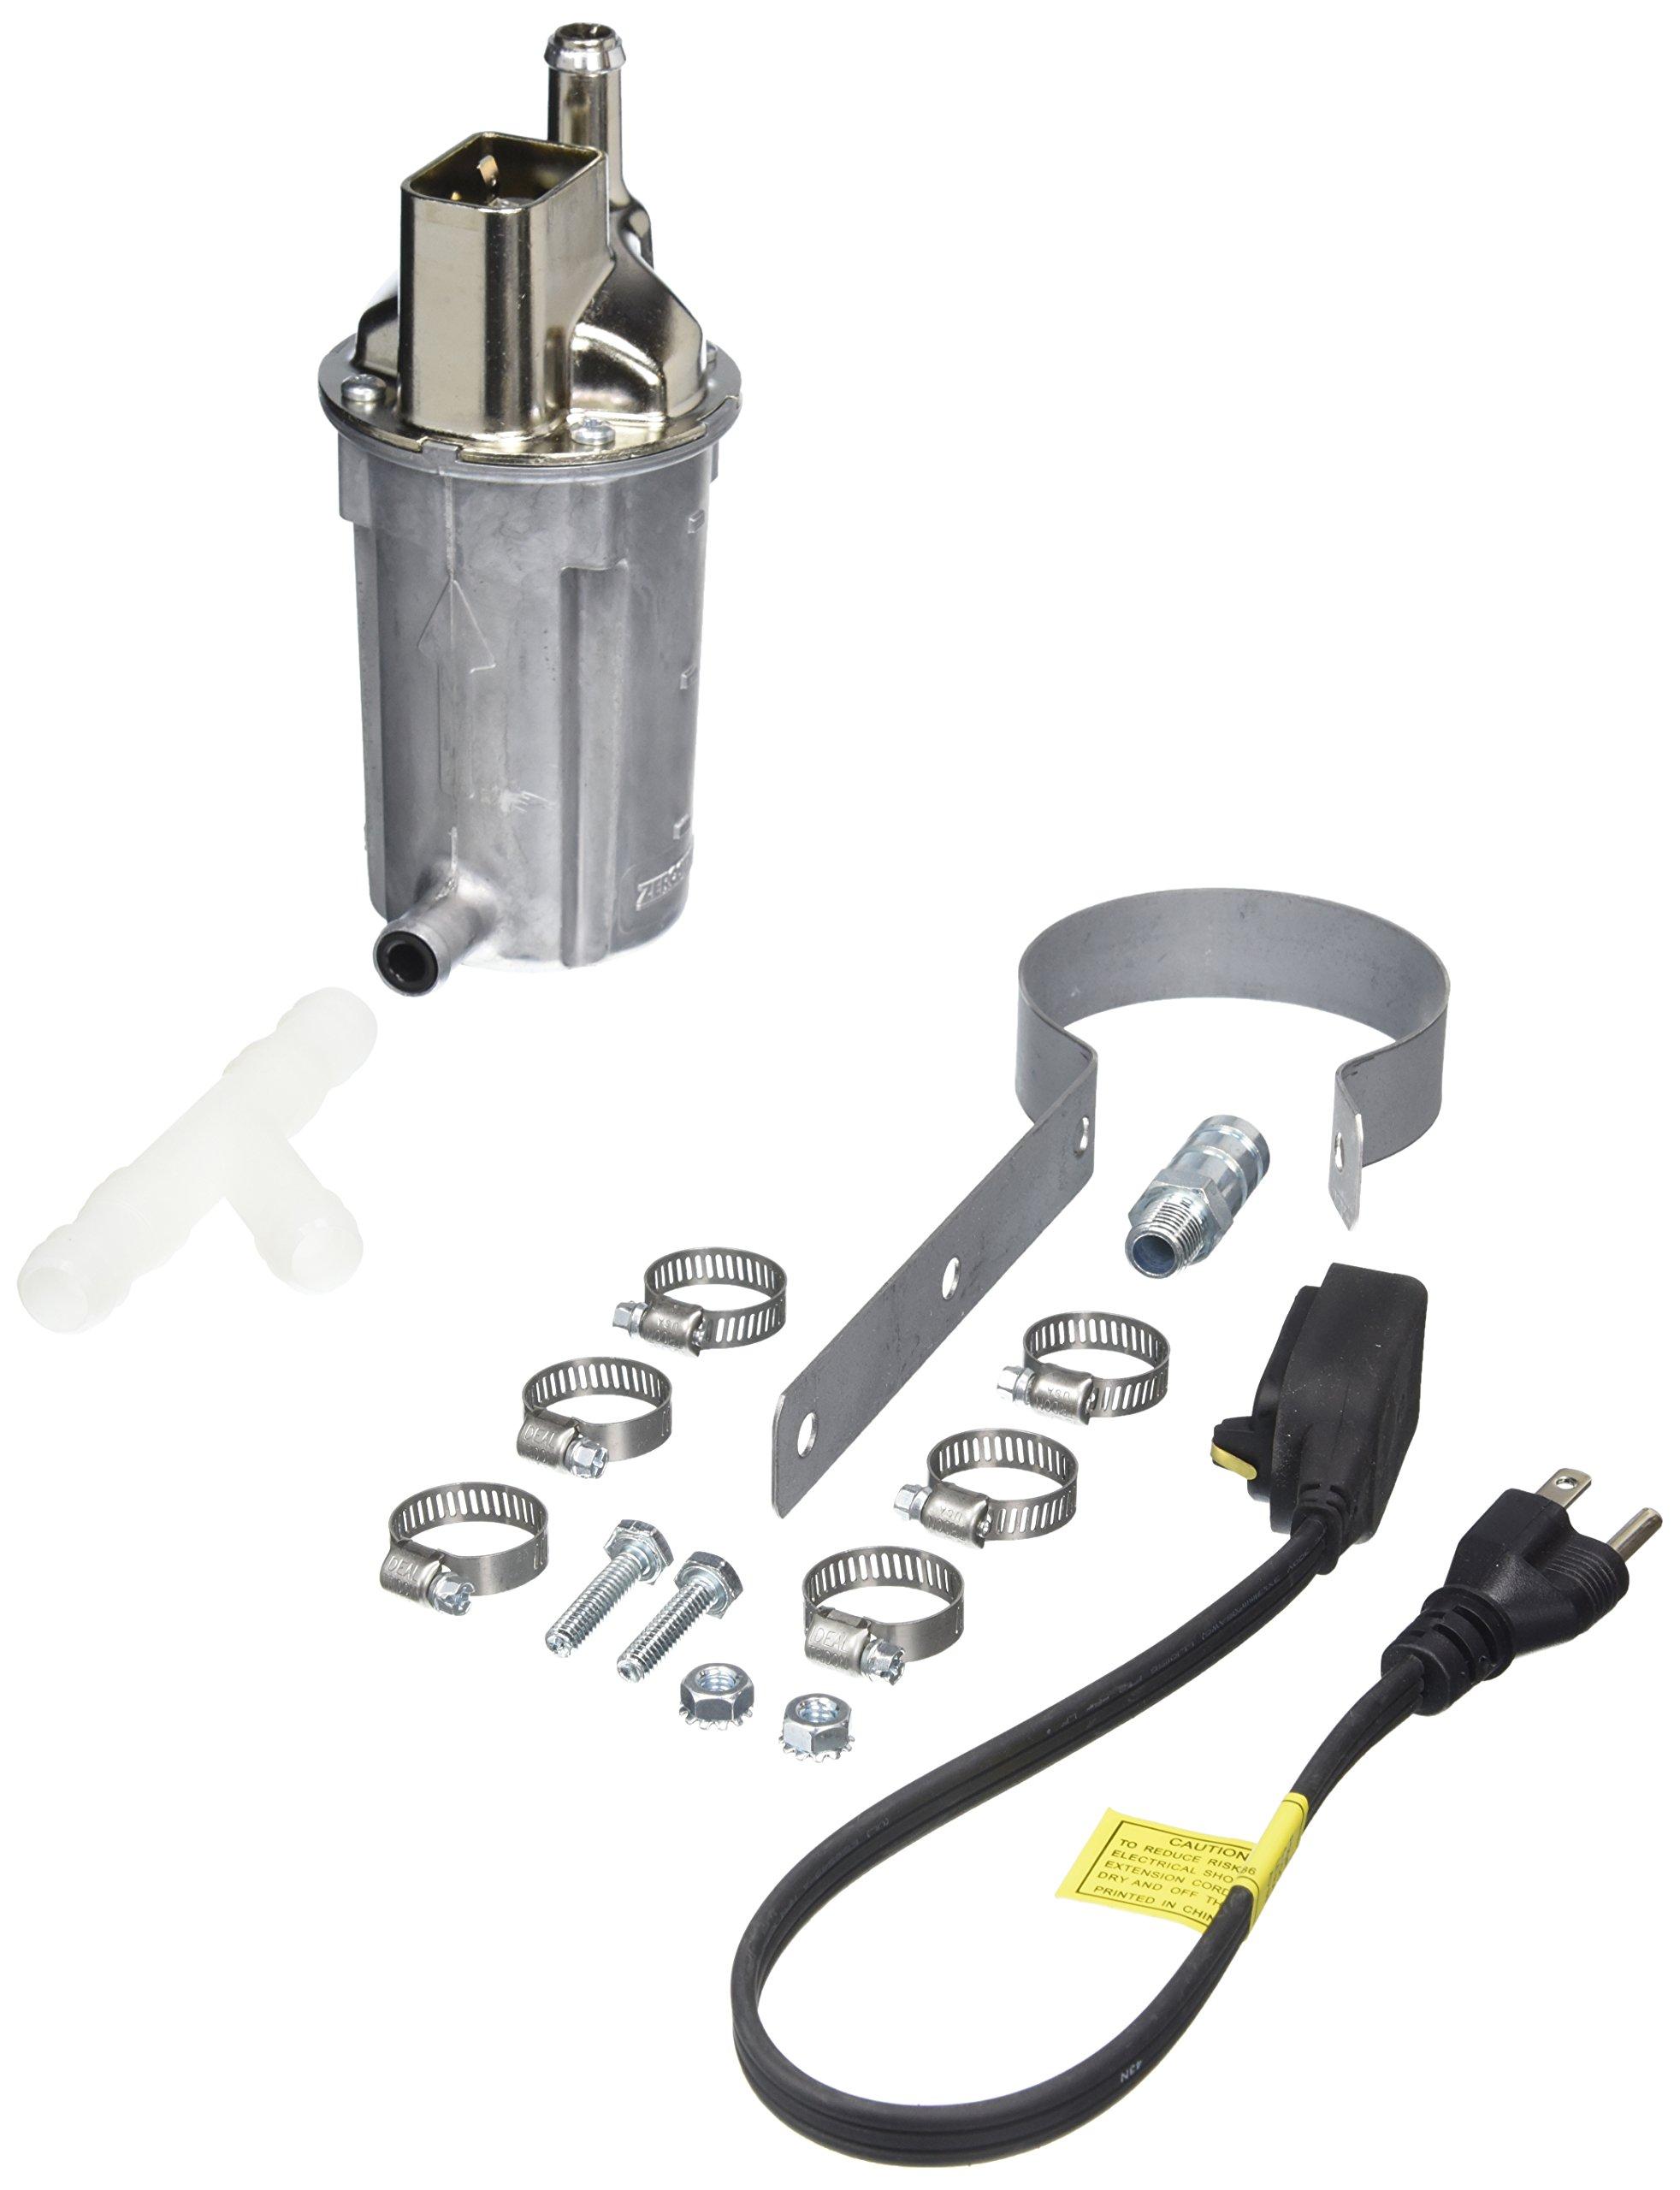 Zerostart 330-5004 Circulation Engine Heater